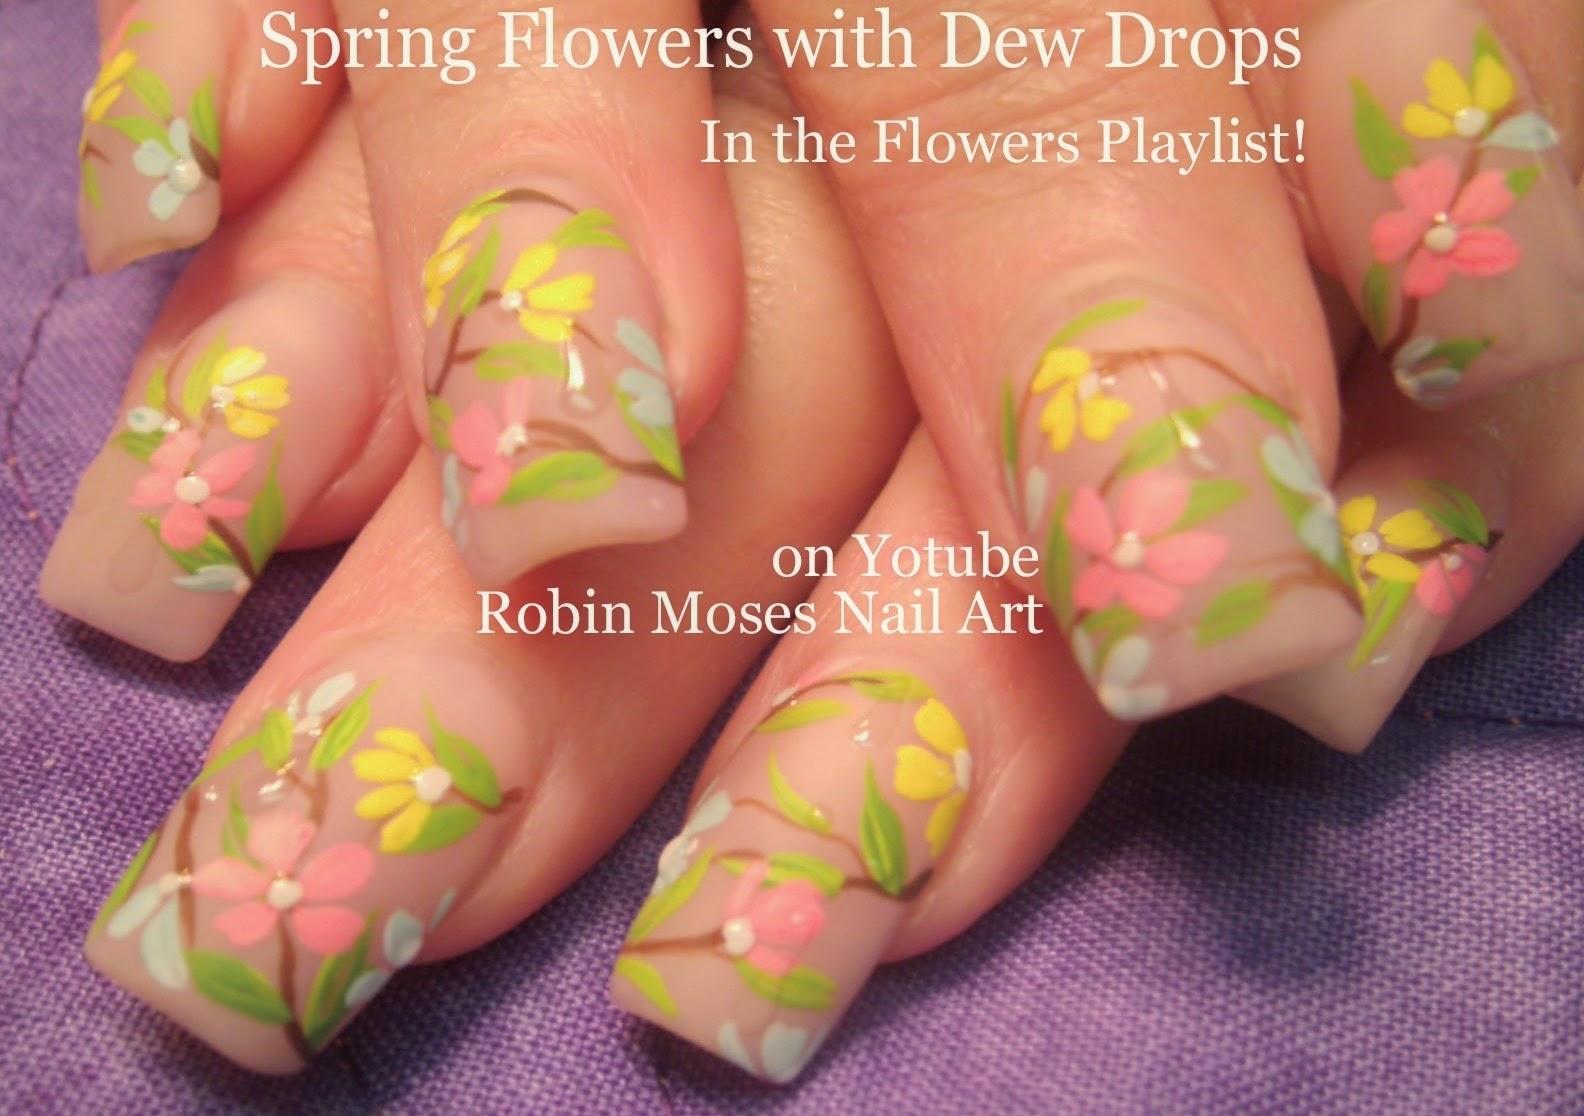 Robin Moses Nail Art: Soft Spring Daisy Nail Art Tutorial On Pink Nails Up  For